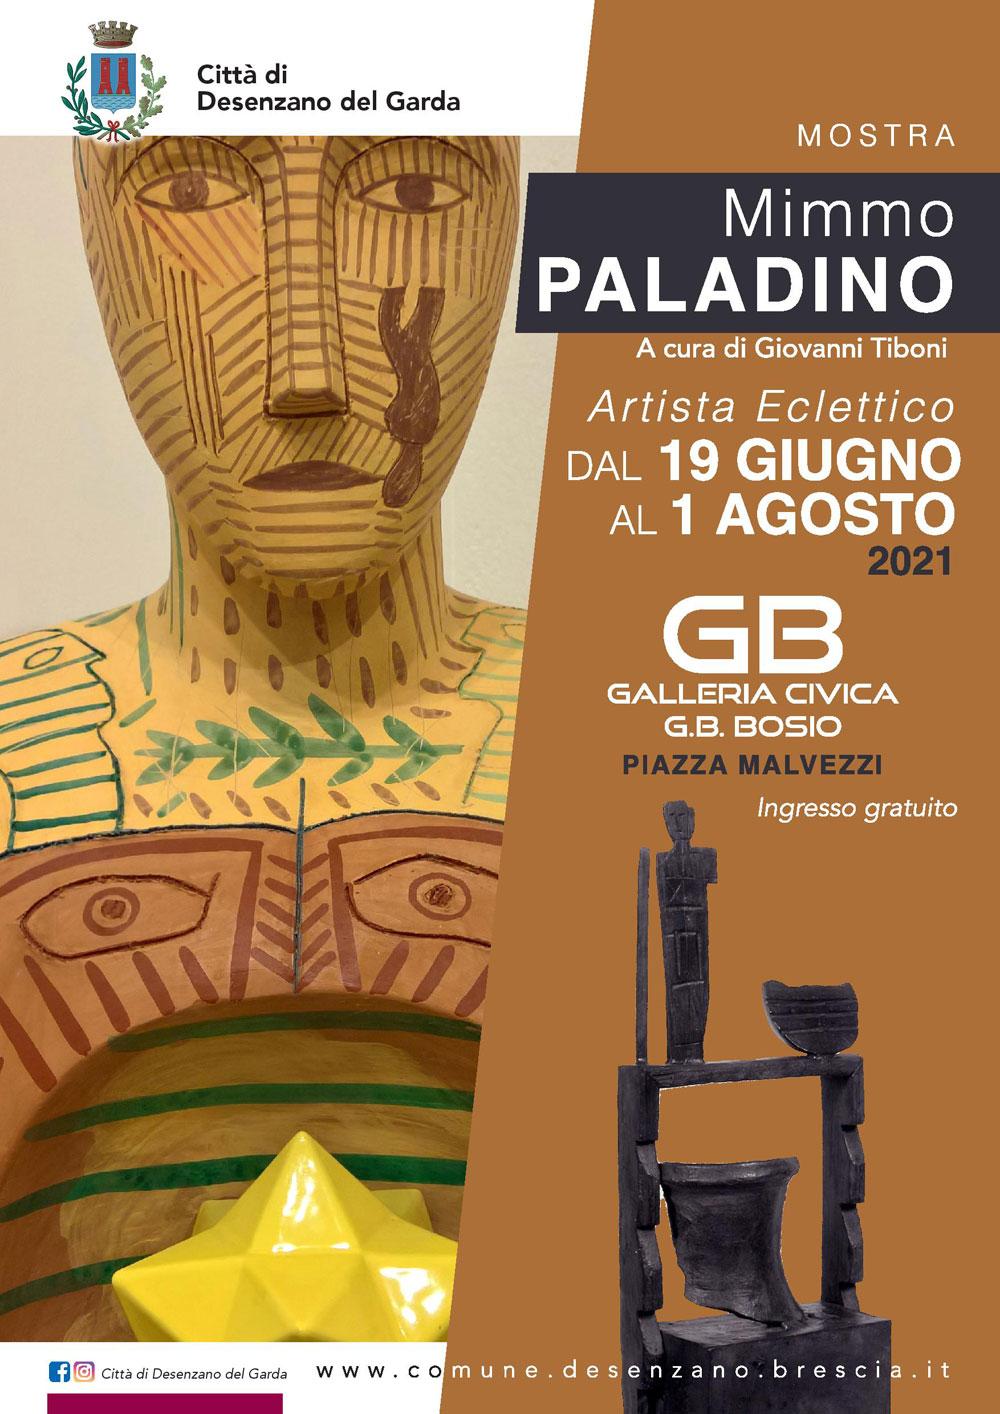 L'ecletticità di Mimmo Paladino in mostra alla Galleria Civica di Desenzano